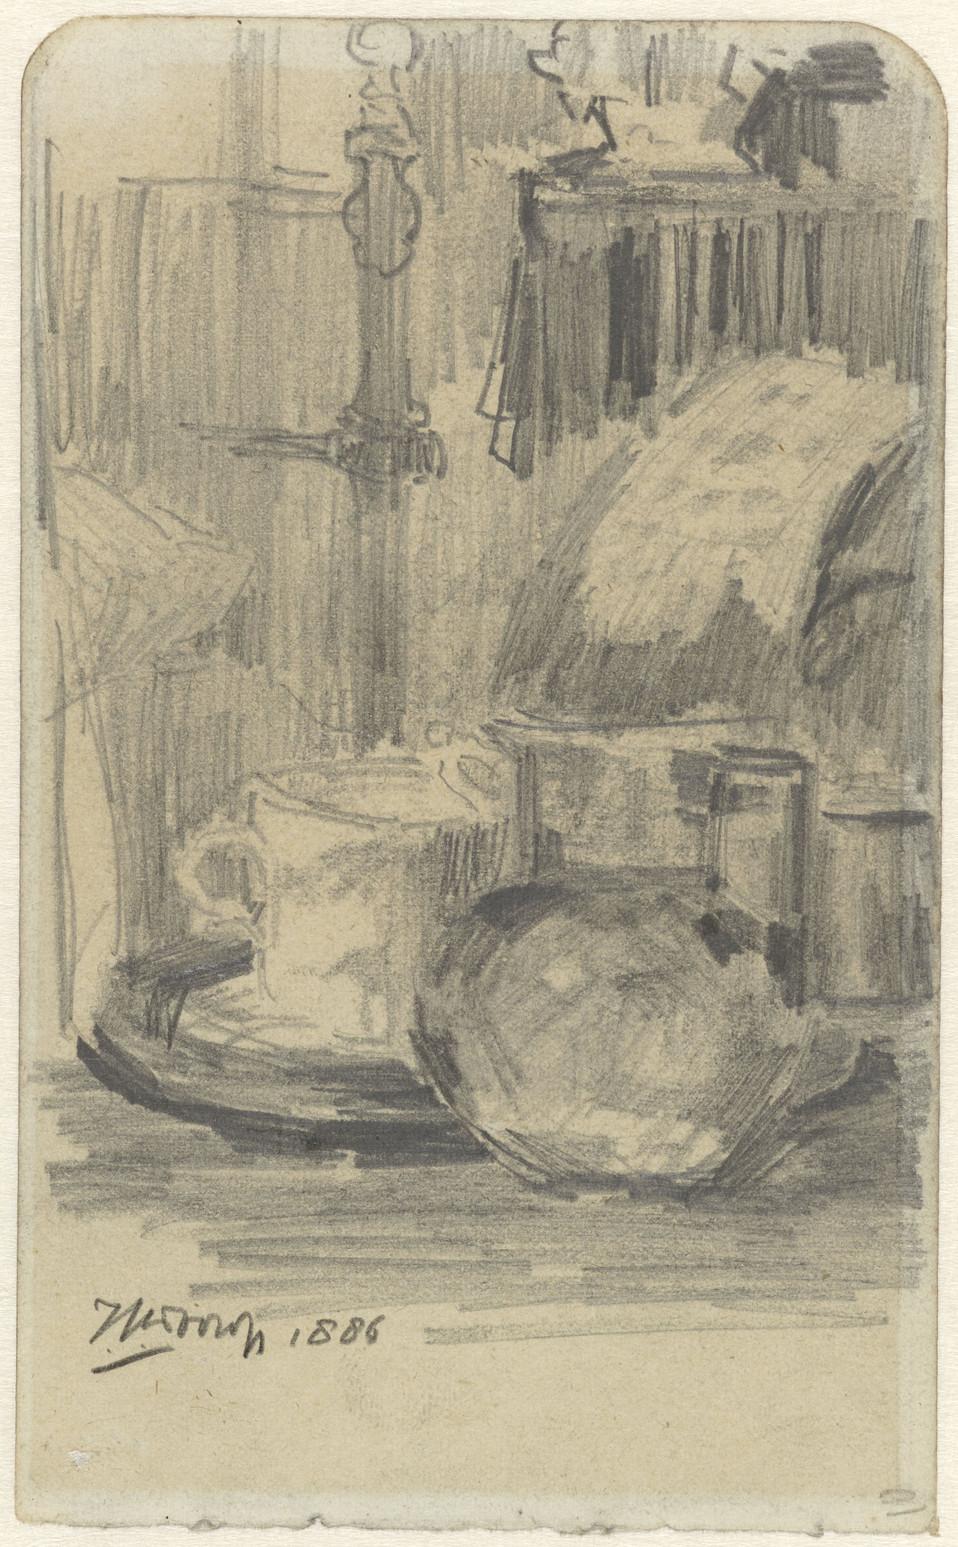 Jan Toorop, Stilleven met kan en kopje, 1886. paperpencil Measurementsh 157 mm × w 97 mm Source: Rijksmuseum, Public Domain